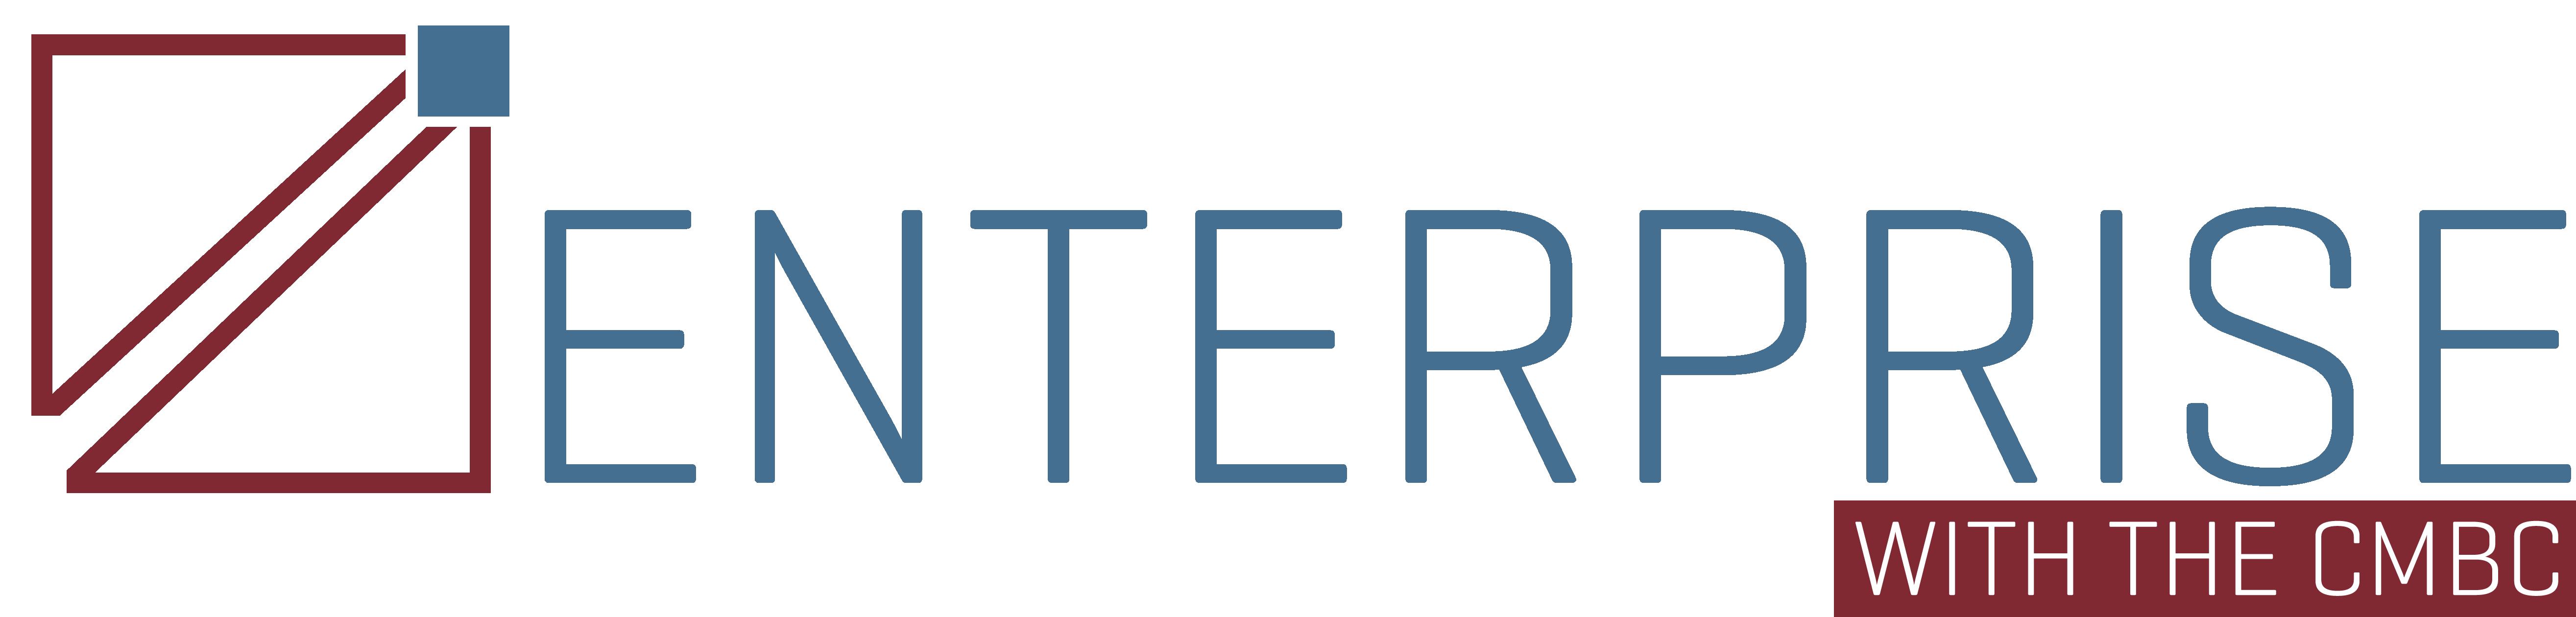 Building a Business Enterprise